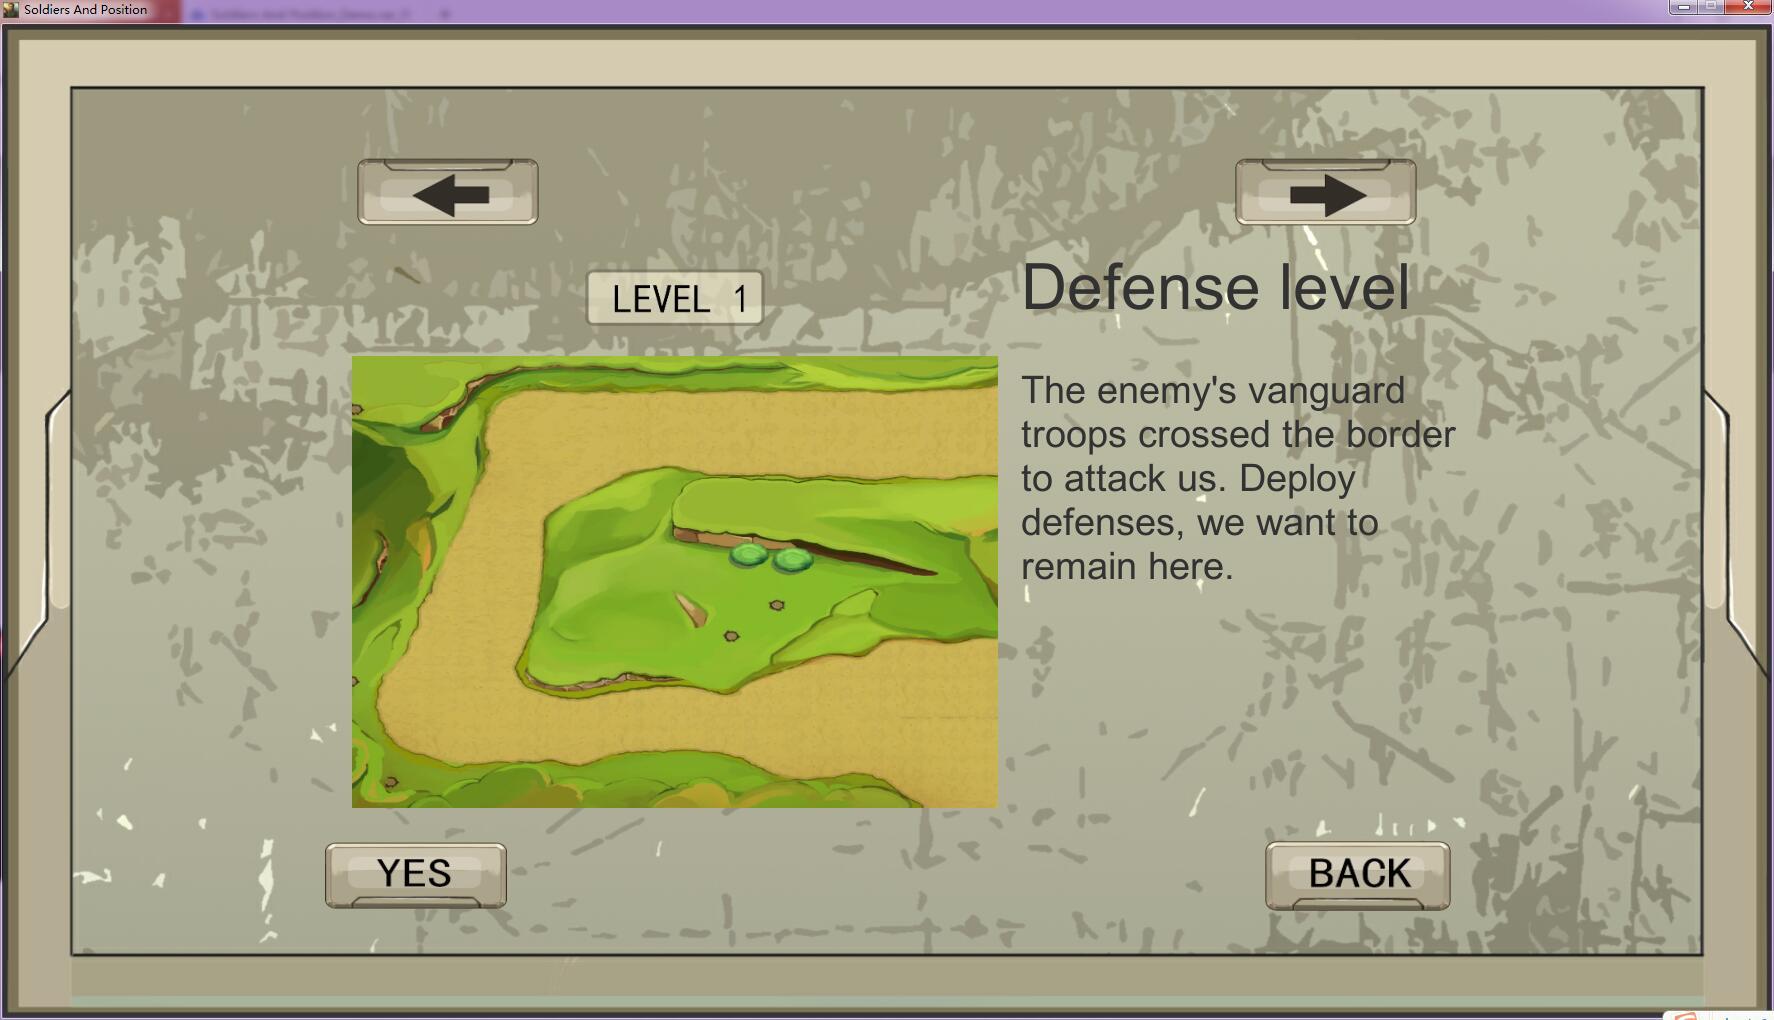 士兵与阵地 游戏截图